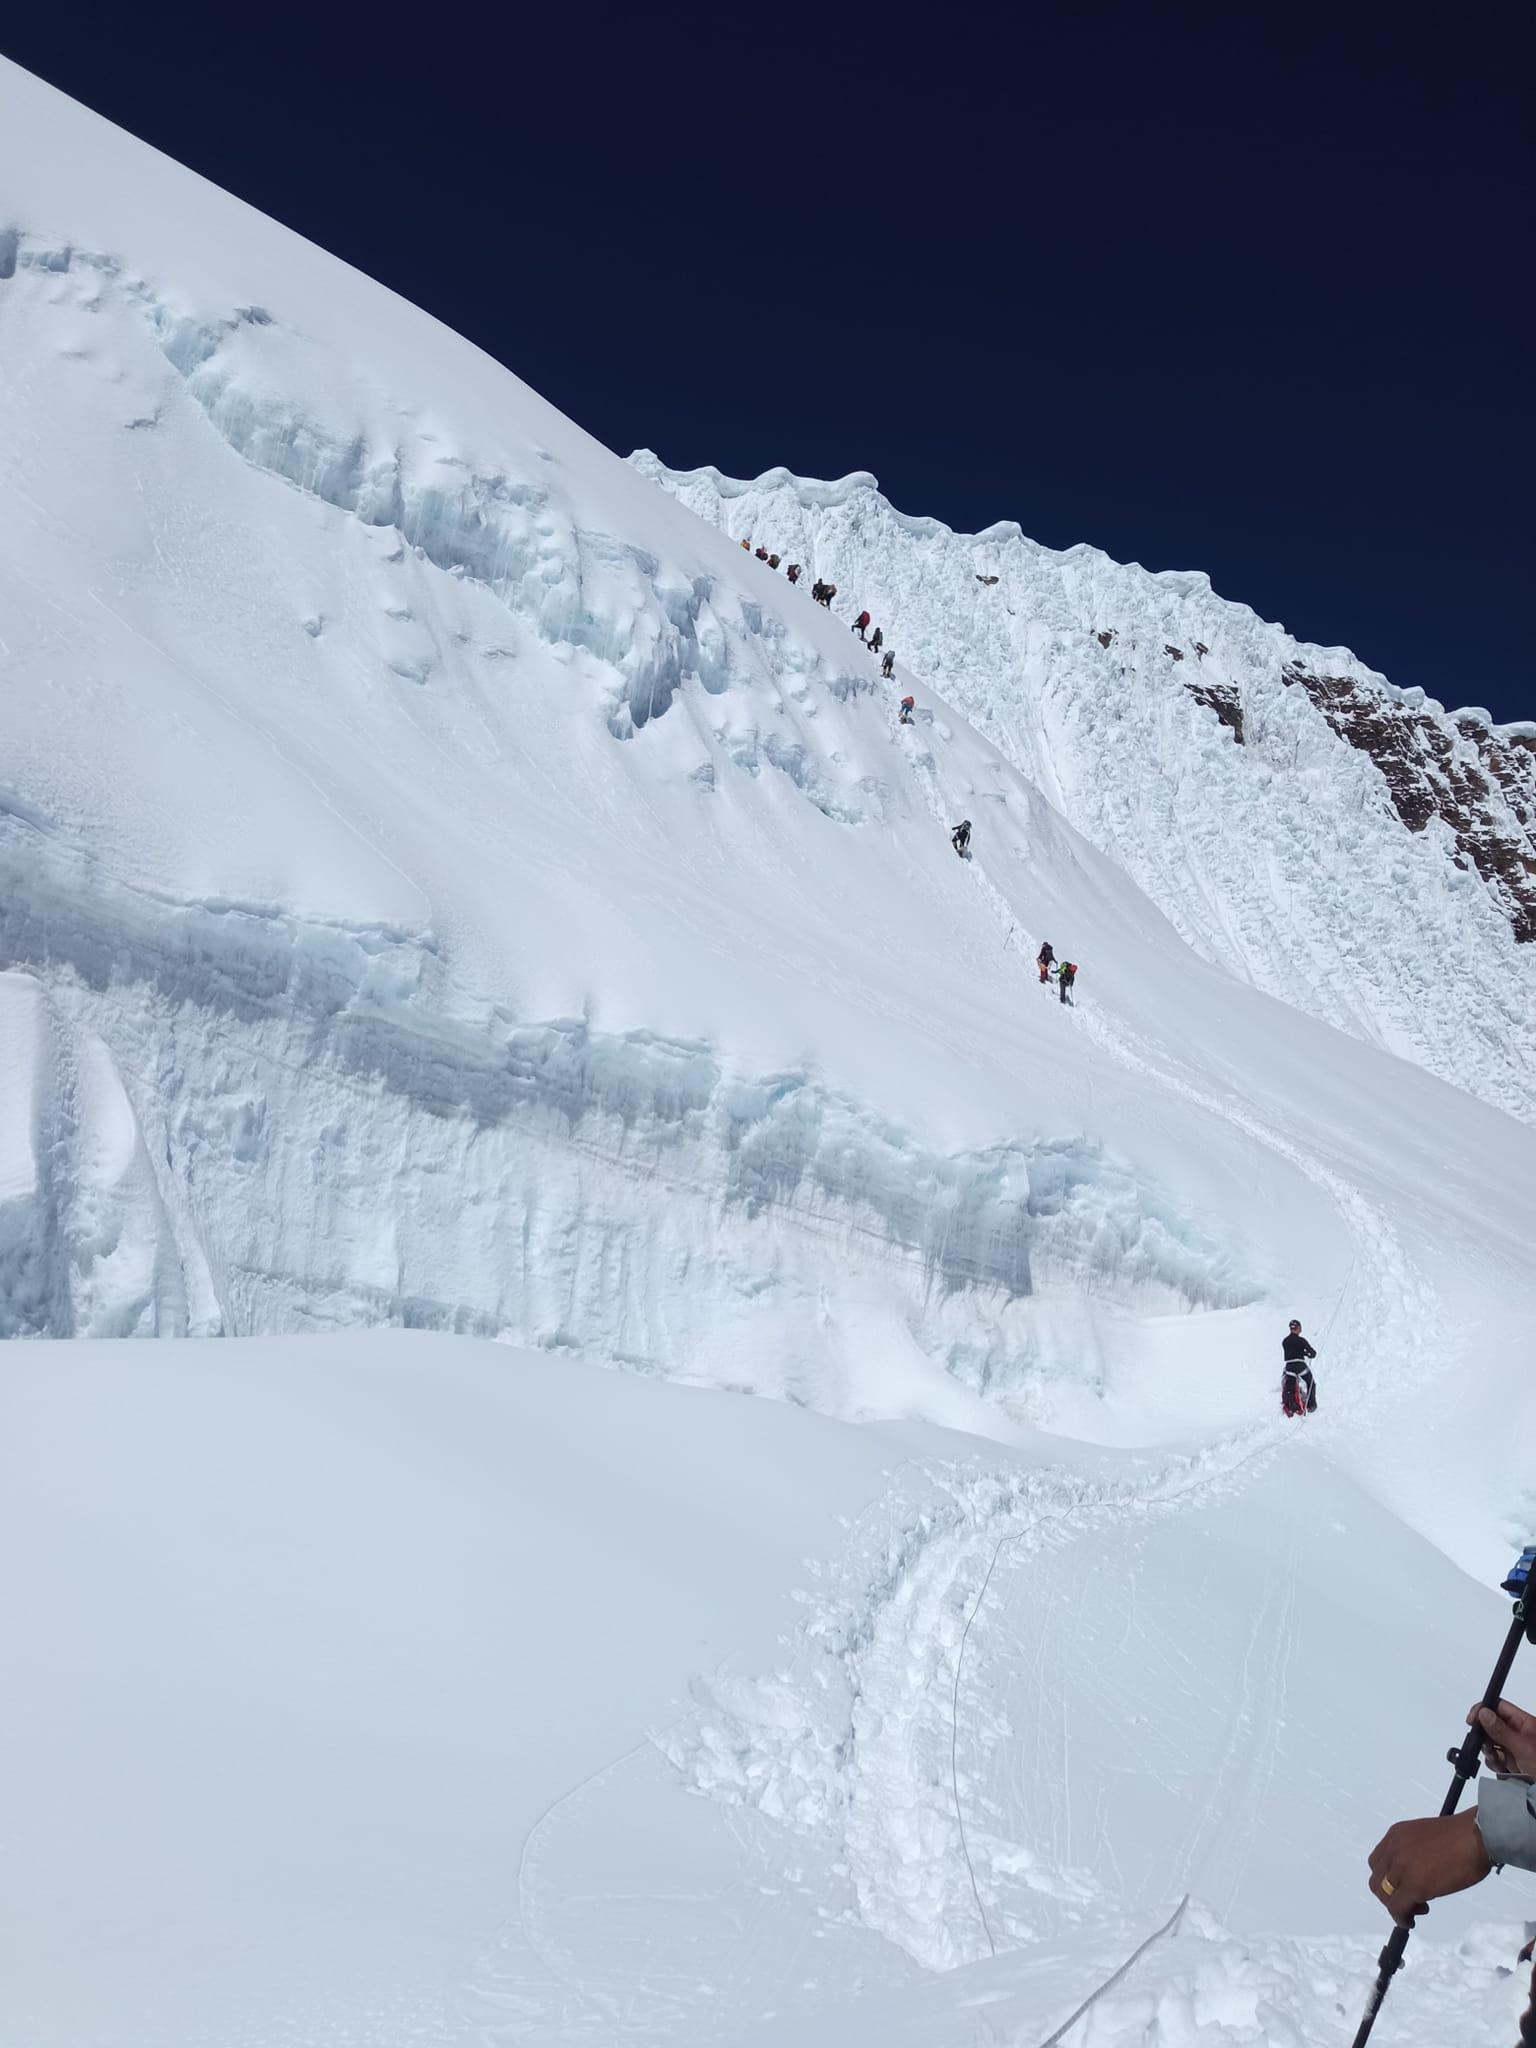 Украинец покорил восьмую по высоте вершину мира - фото 2